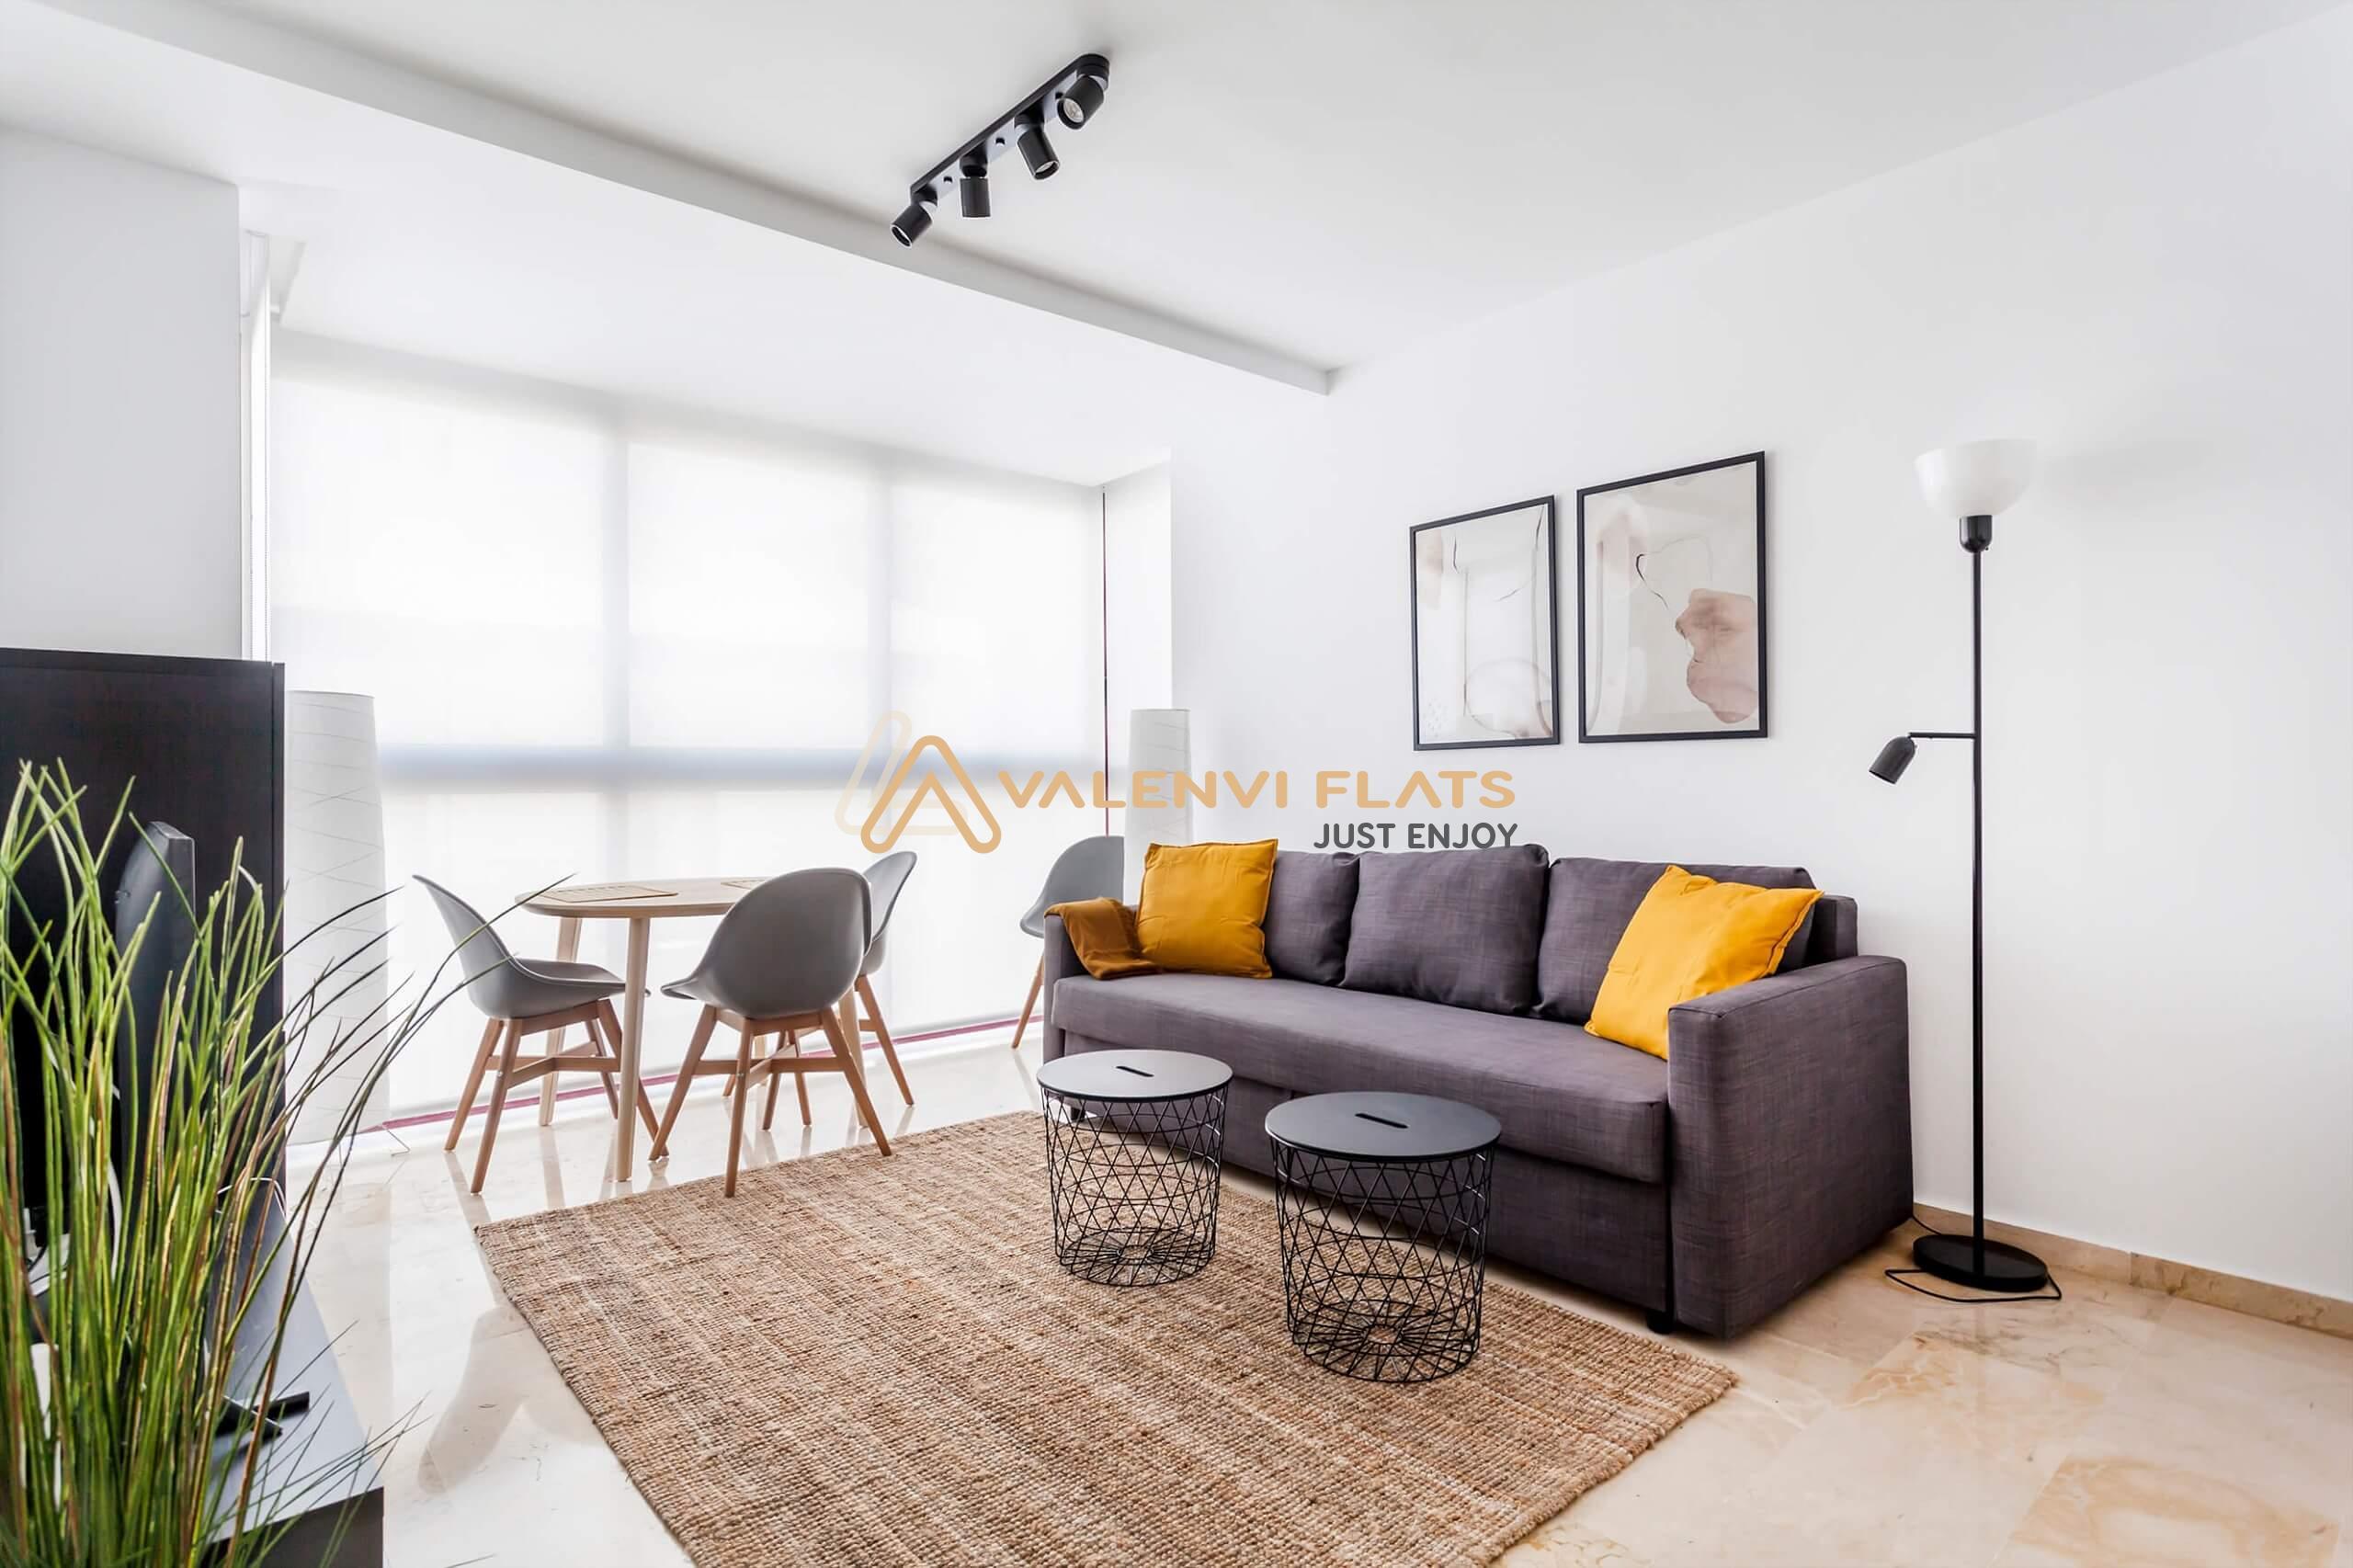 Sofá al fondo de la imagen junto a una mesa con sillas y en primer plano una planta